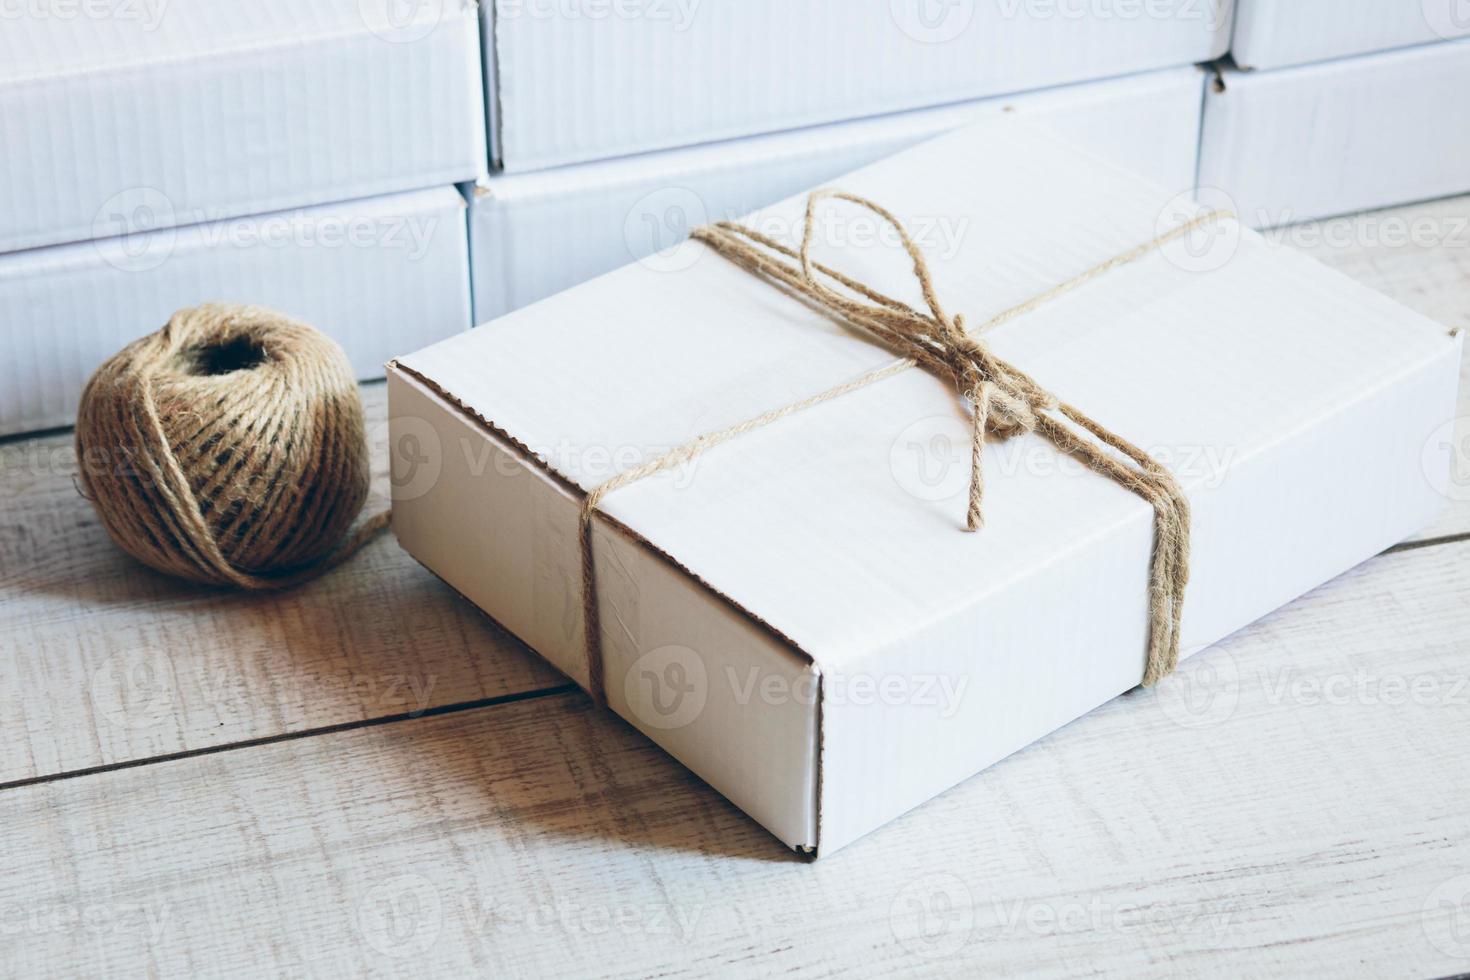 Paket auf dem Tisch foto